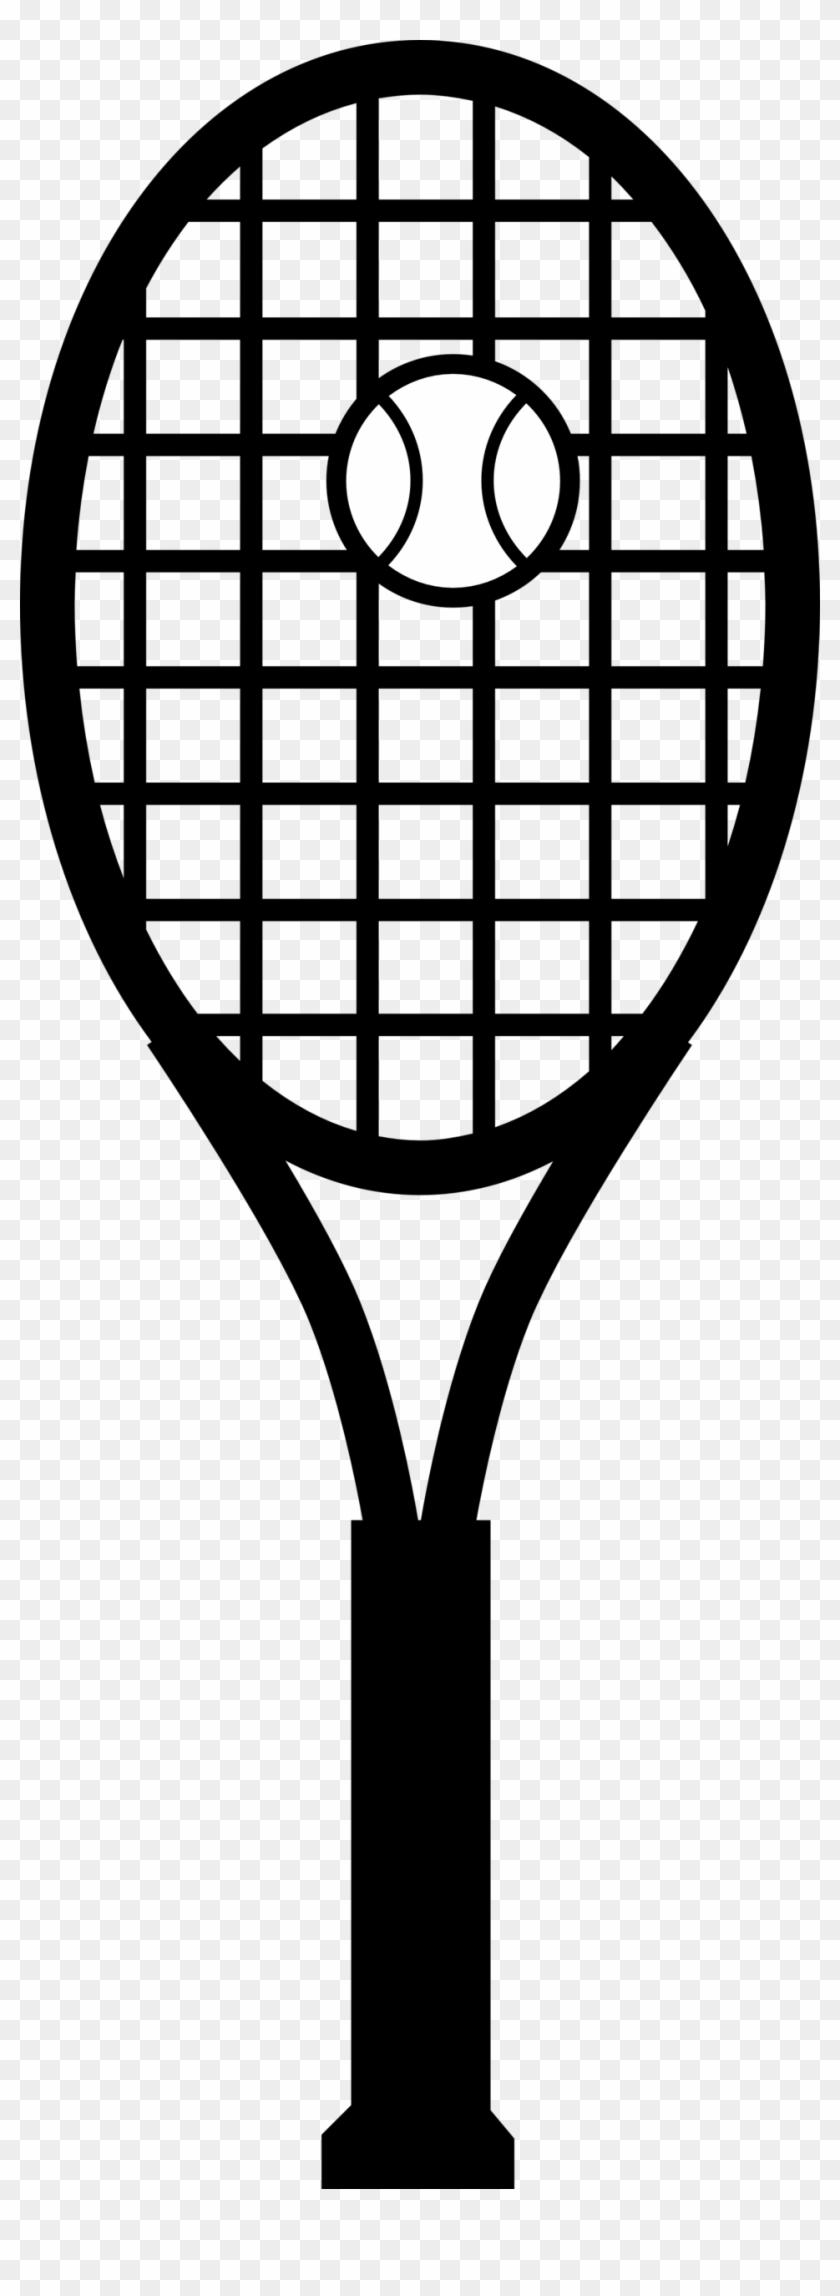 Tennis Racquet And Ball - Tennis Racket Clip Art #205561